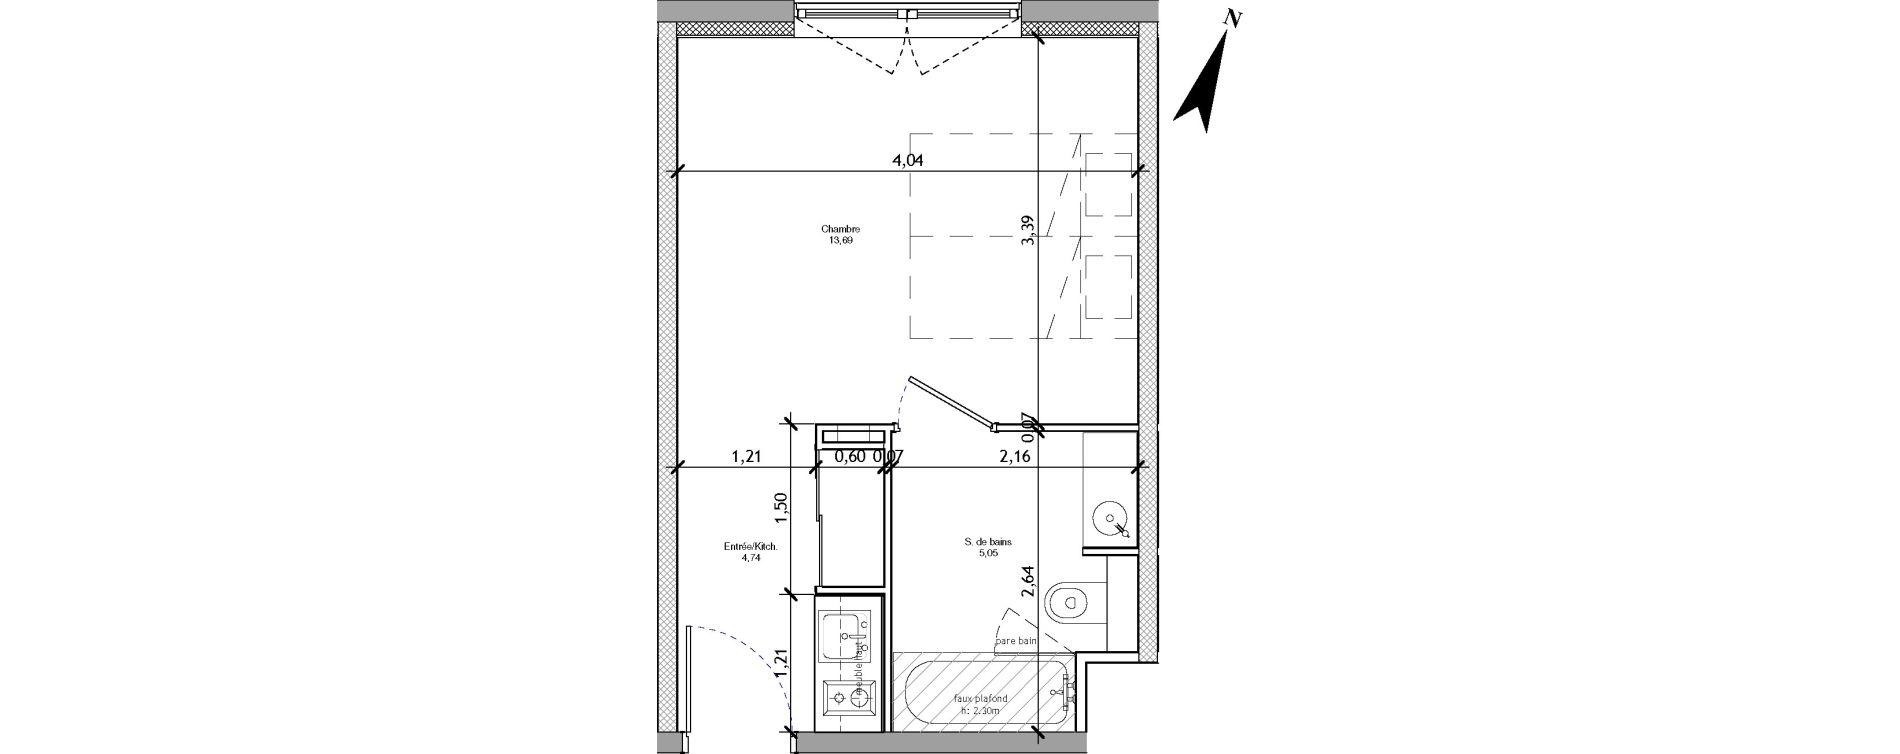 Appartement T1 meublé de 23,48 m2 à Angers La fayette-eble